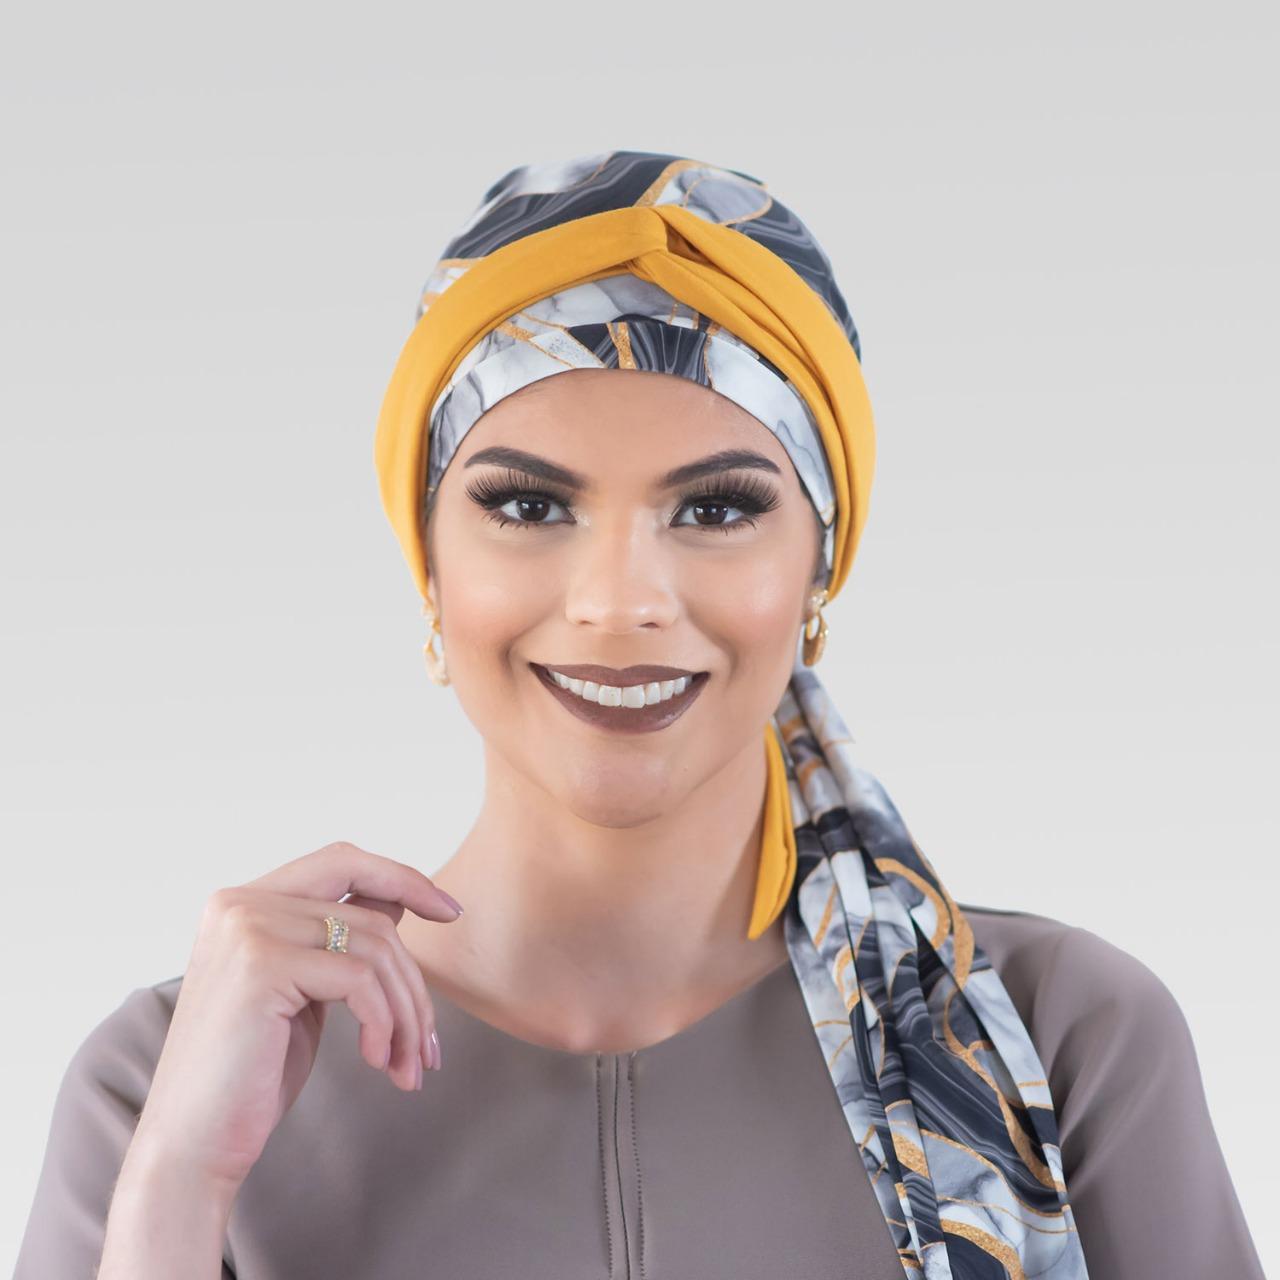 Conjunto Turbante Kintsugi (Turbante Estampado com Proteção UV + Tiara de Argola)